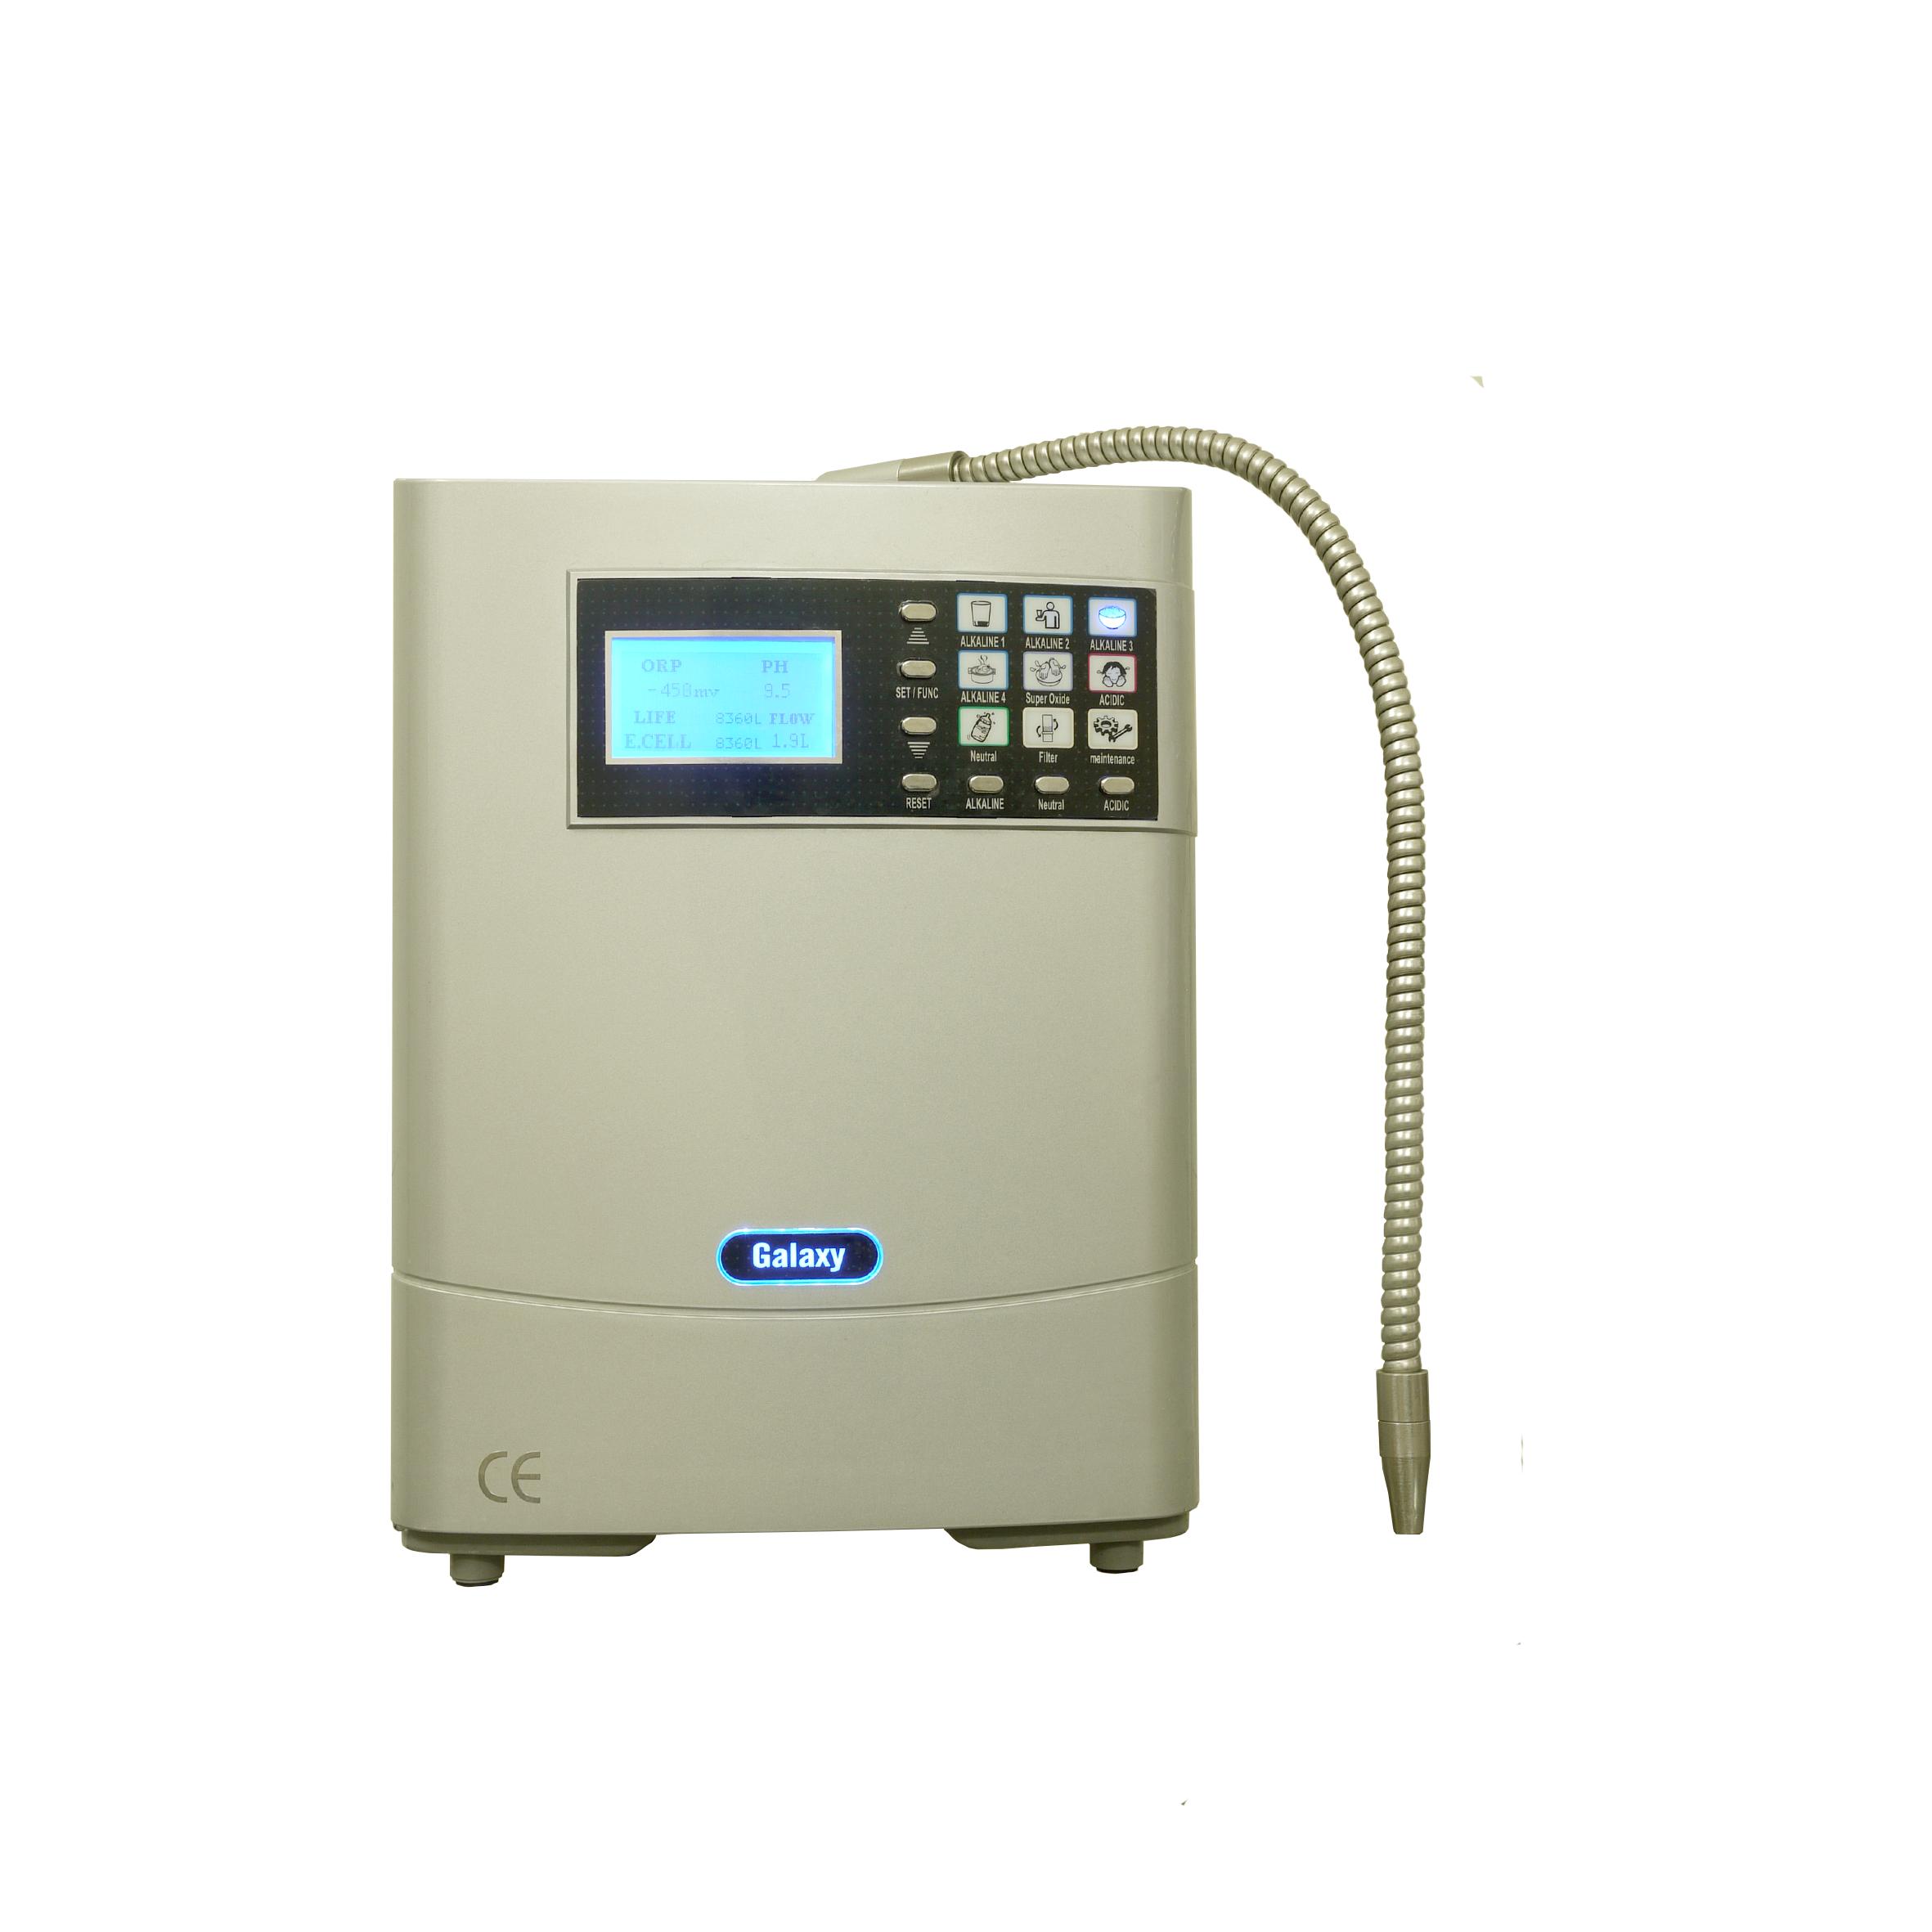 máy lọc nước điện giải và những tính năng kỳ diệu